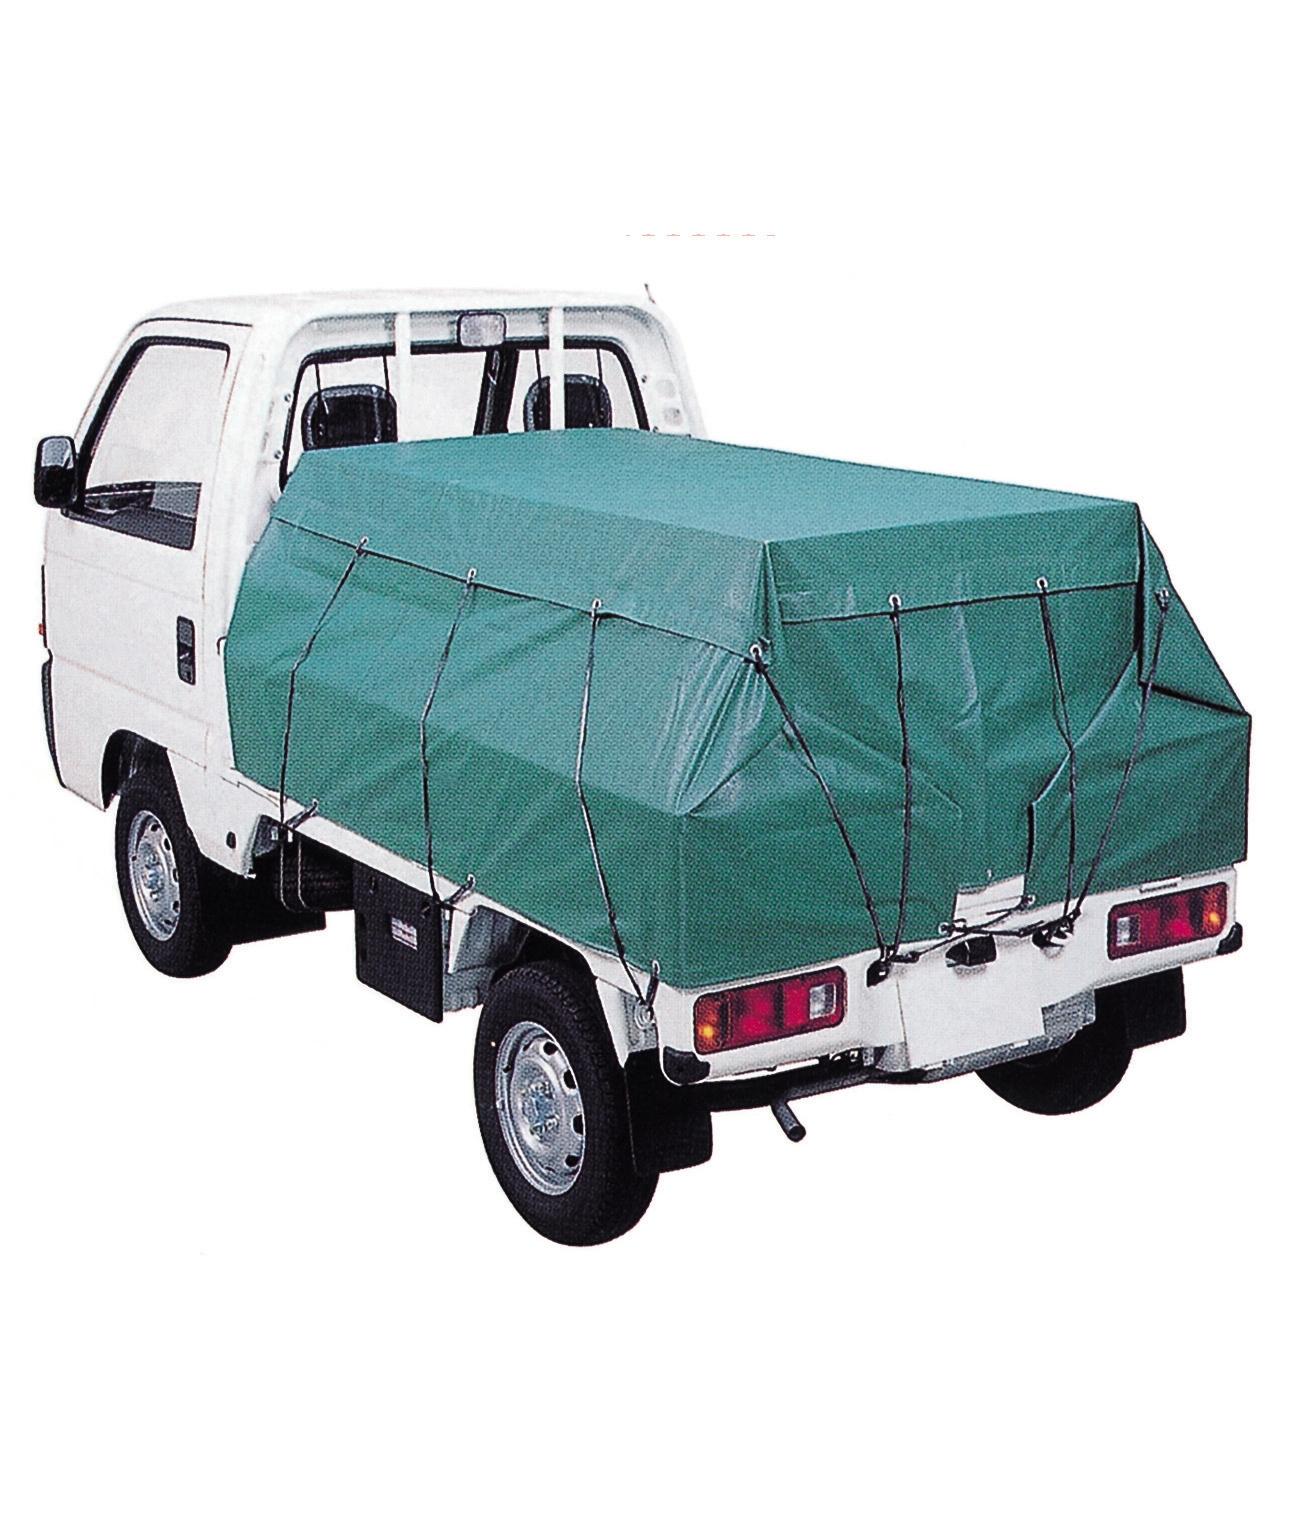 トラックシート4号(1tトラック用 グリーン) 送料無料!(3.0m×3.7m ゴムバンド30本付 20枚/セット)